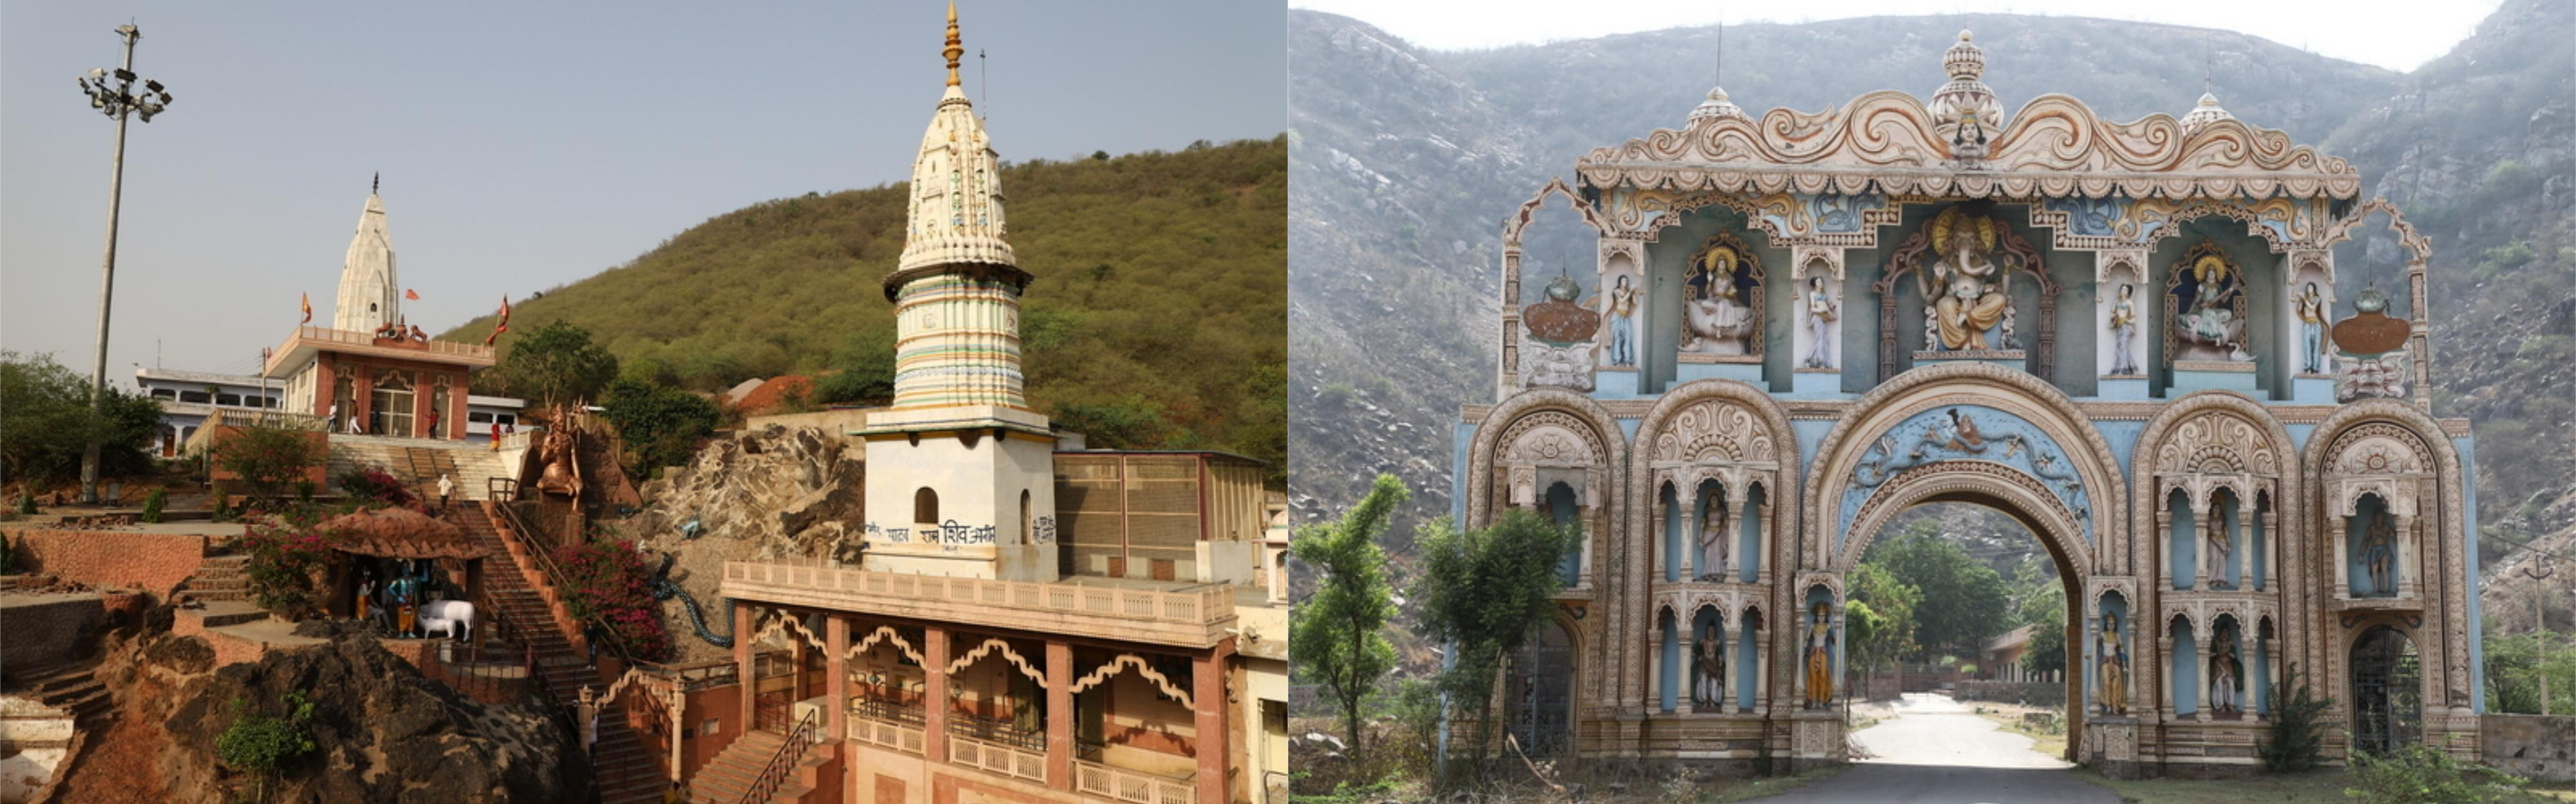 शिव मंदिर, फिरोजपुर झिरका और नल्हढ़ मंदिर नूंह